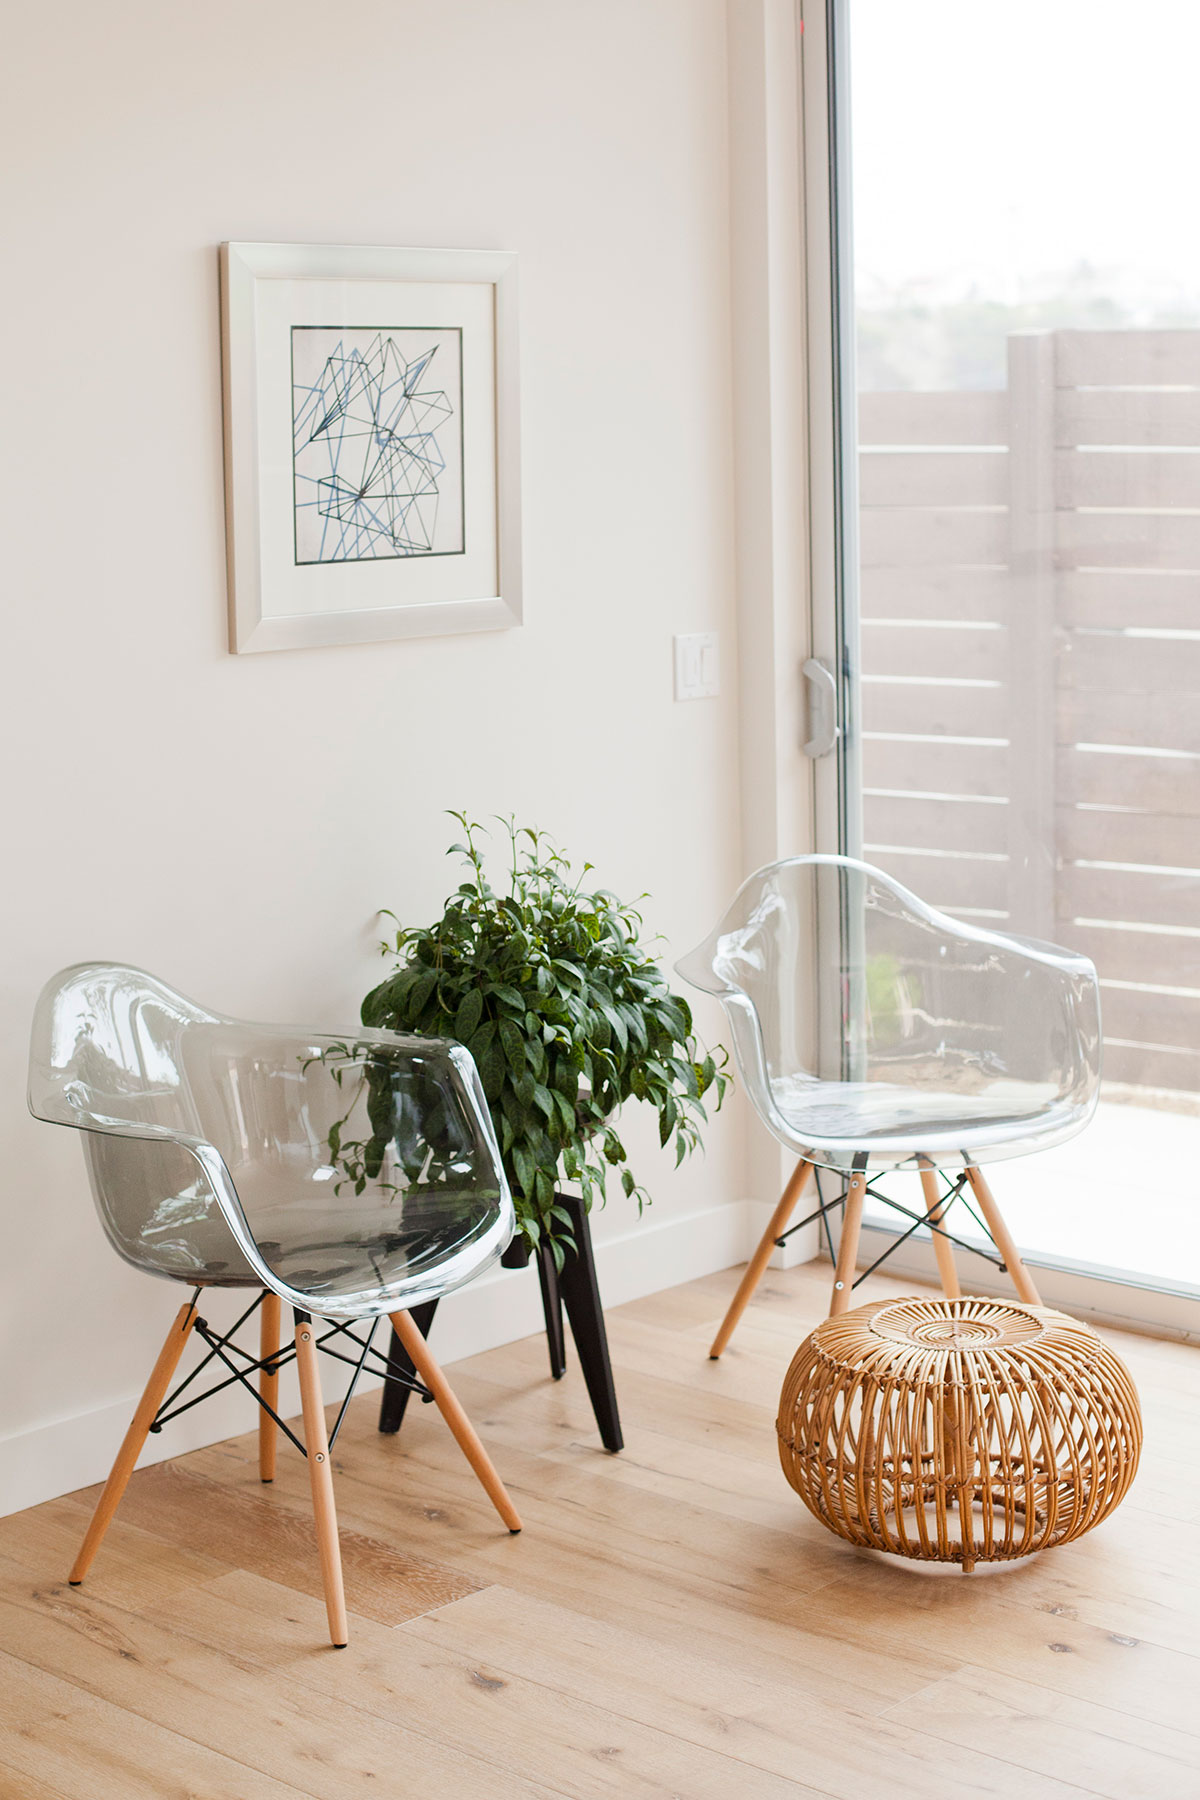 cindy-courson-encinitas-interior-designer-20.jpg